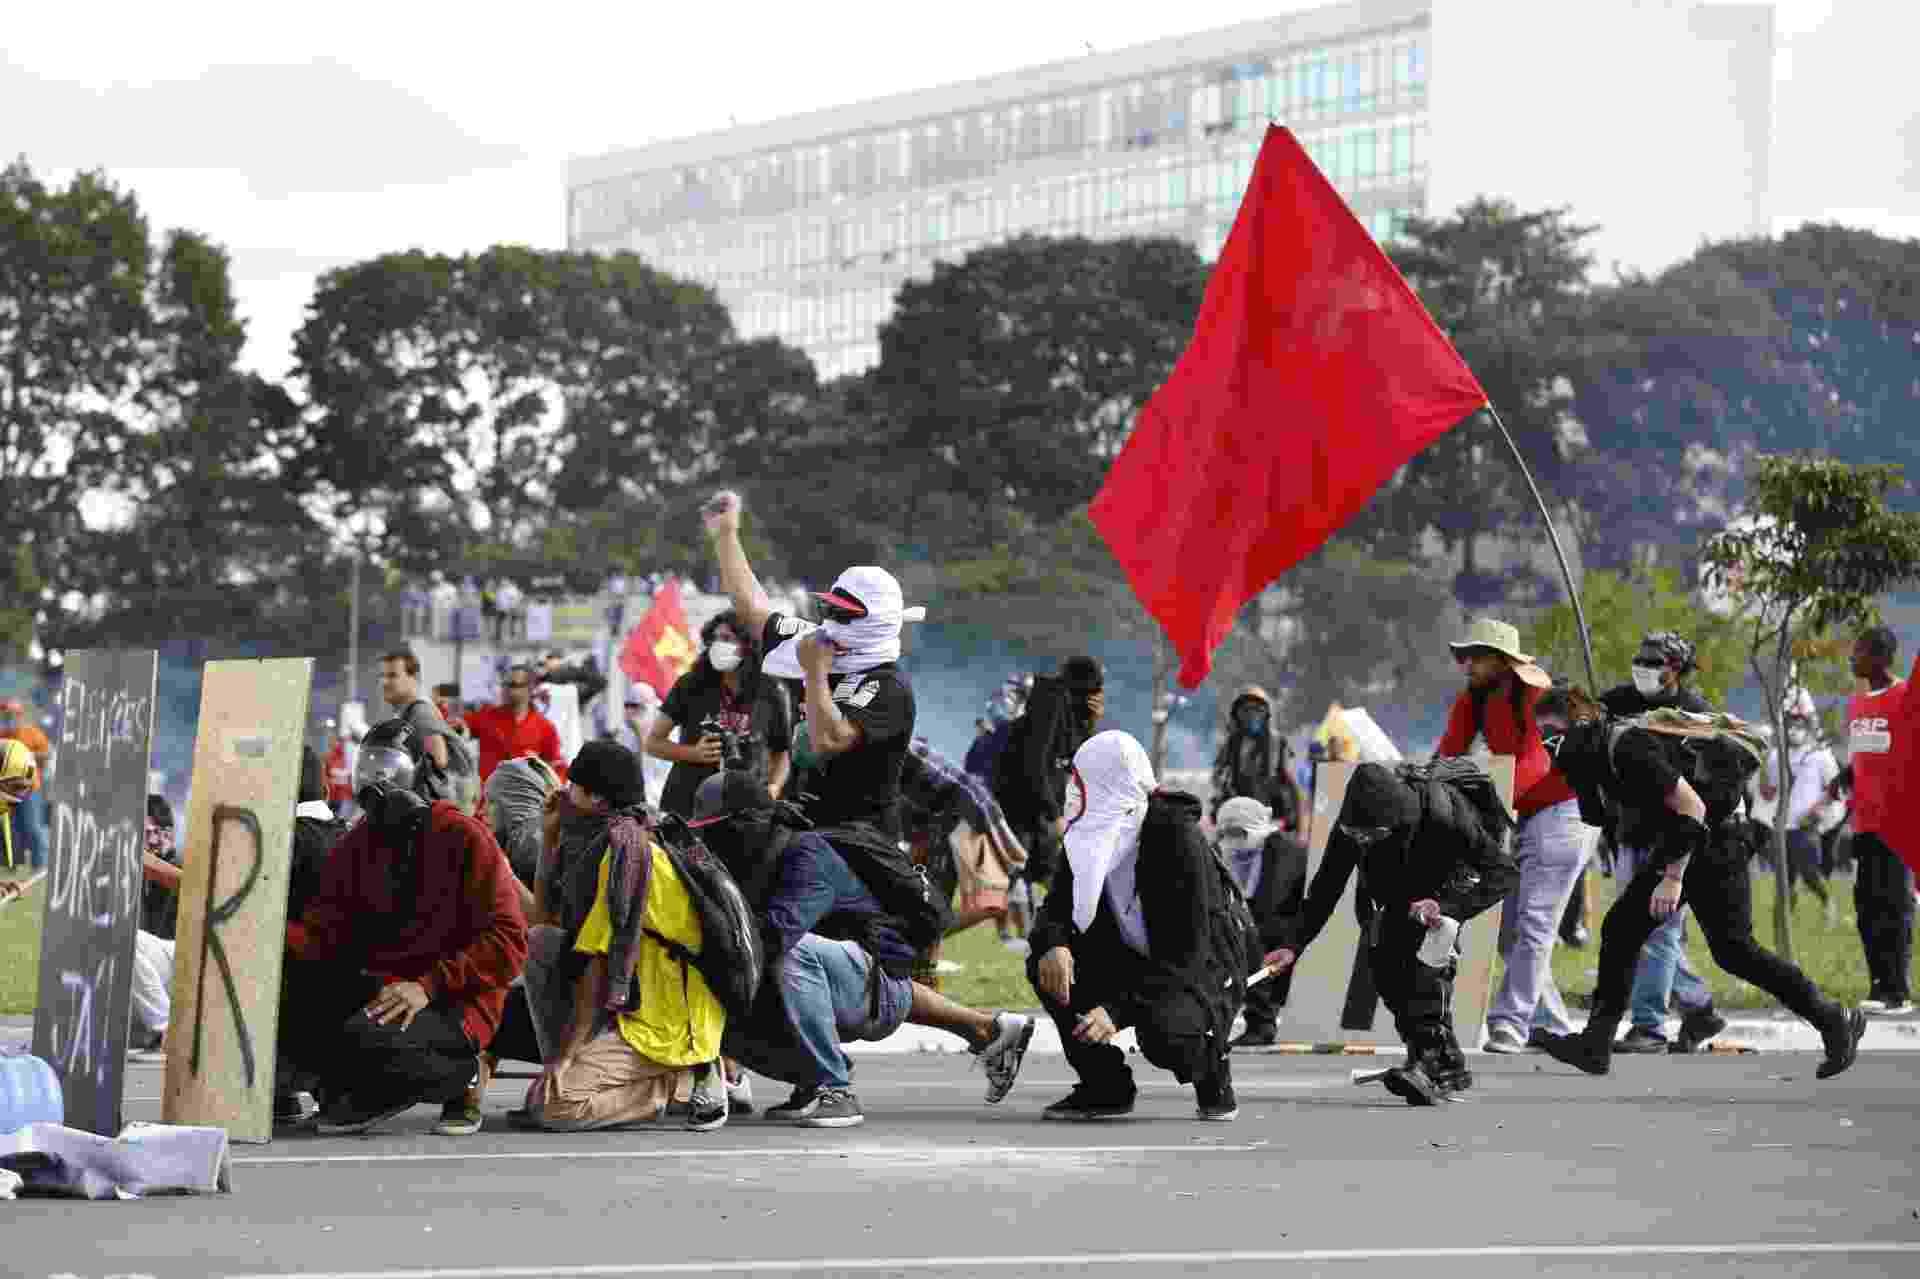 24.mai.2017 - Manifestantes fazem protesto contra o presidente Michel Temer, nas ruas da Esplanada dos Ministérios, em Brasília - Pedro Ladeira/Folhapress